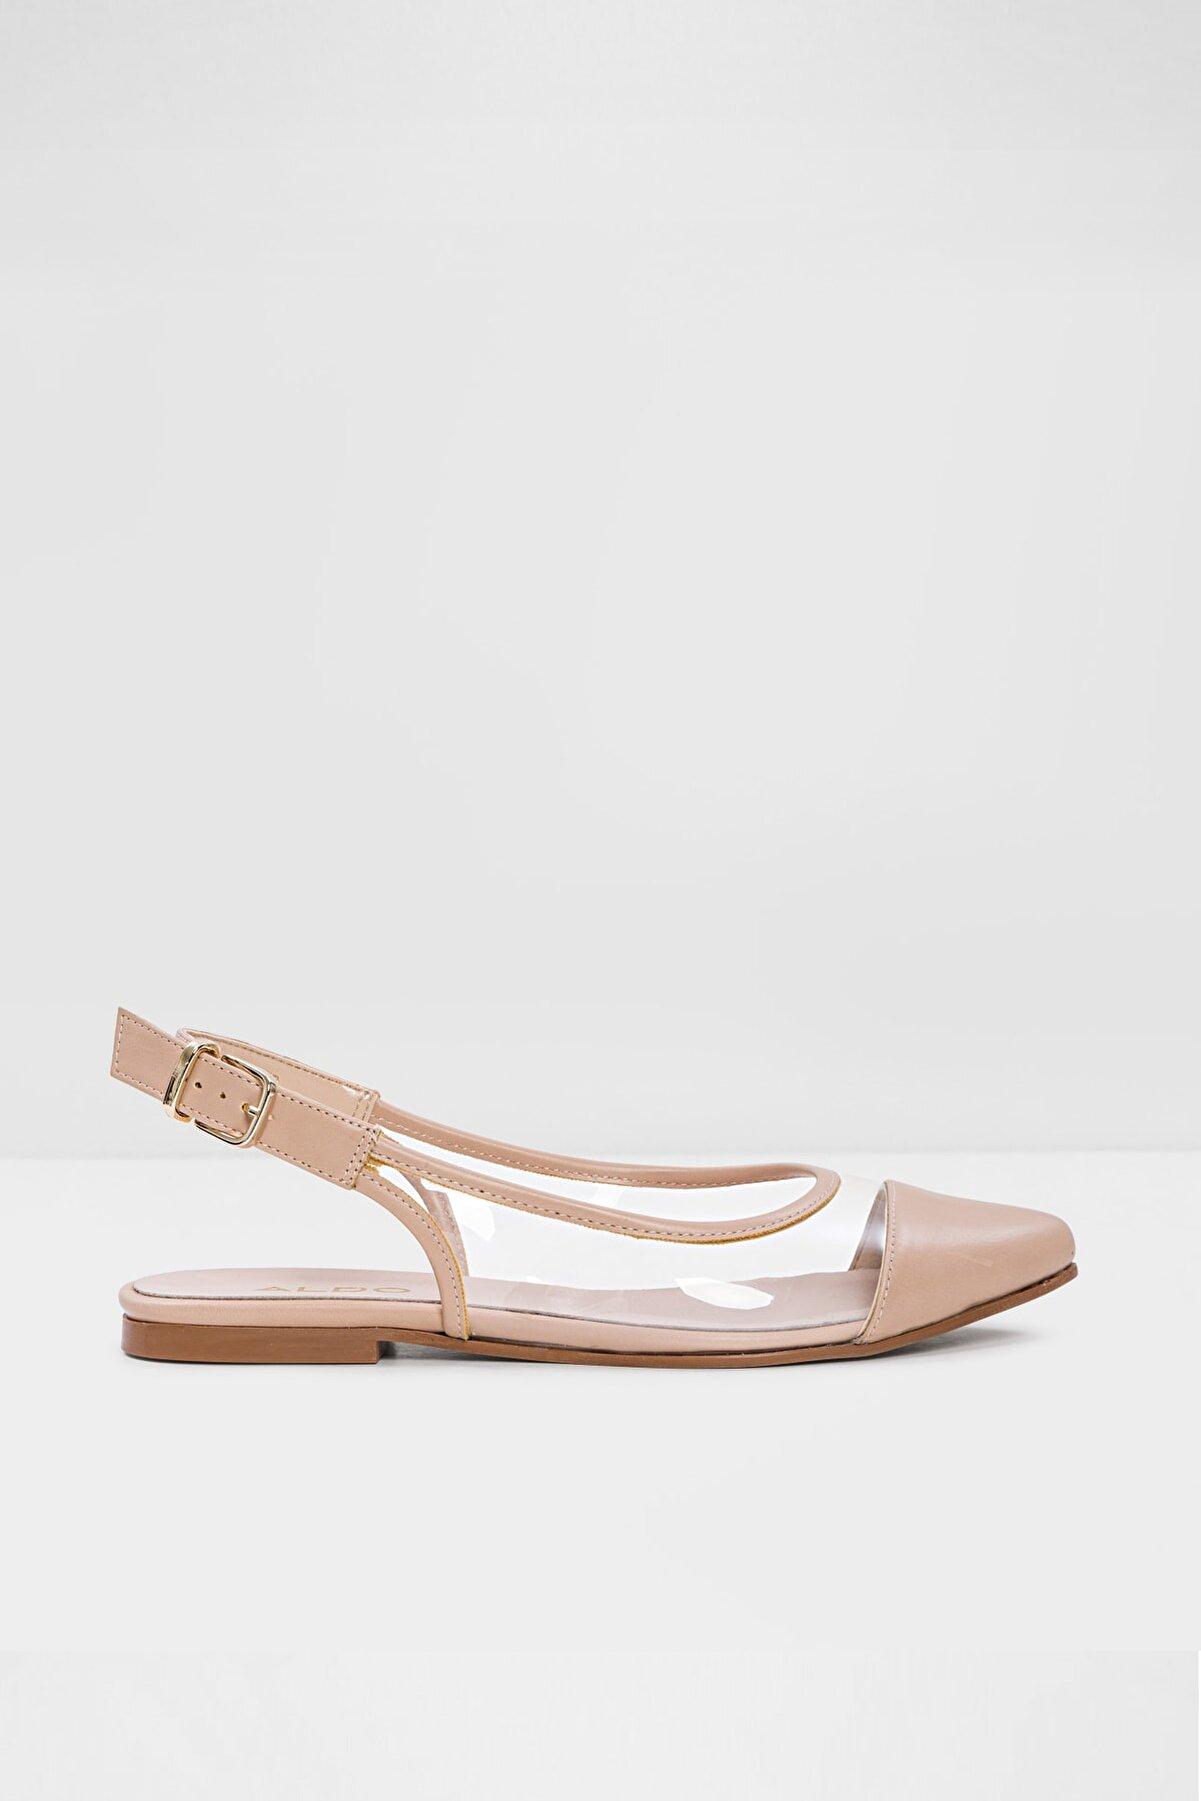 Aldo Karowara-tr - Bej Kadın Düz Ayakkabı